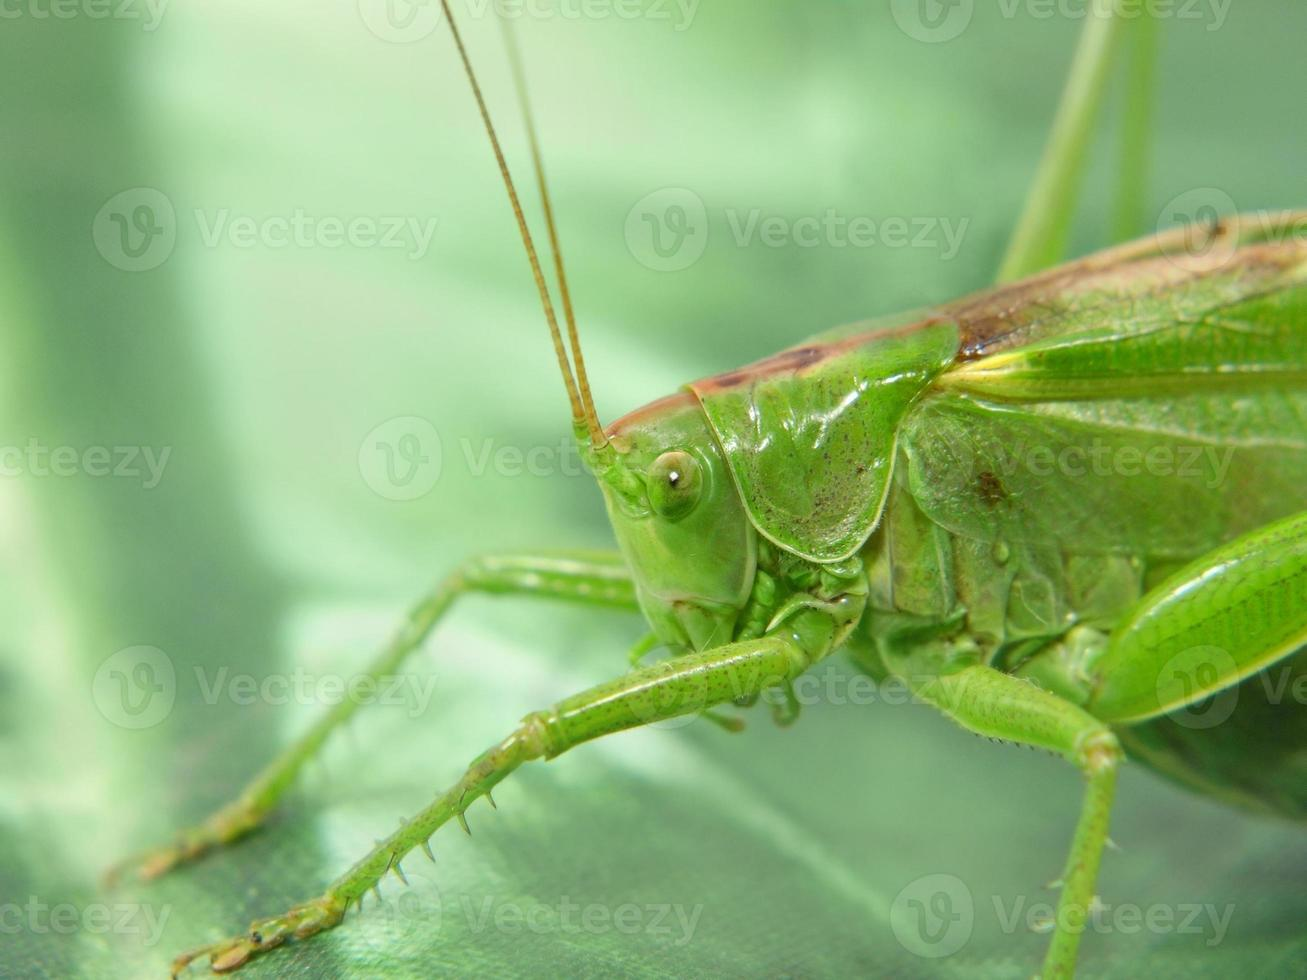 grön gräshoppa. foto